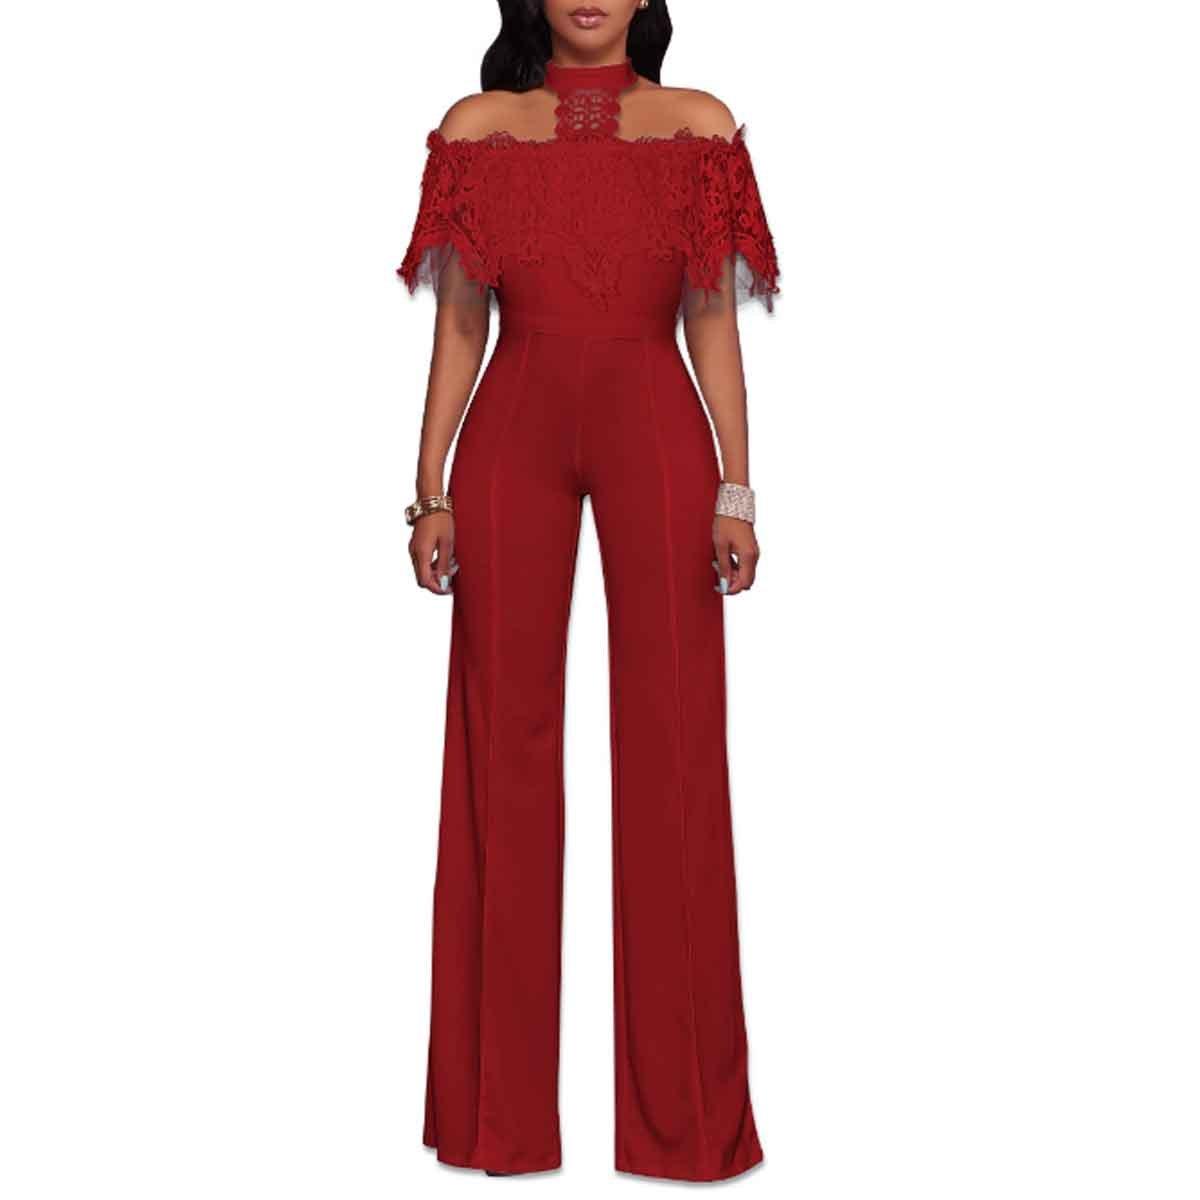 79c3a8e3be9c Amazon.com  HELIDA Womens Off Shoulder Lace Halter High Waist Wide Leg  Pants Jumpsuit Romper  Clothing